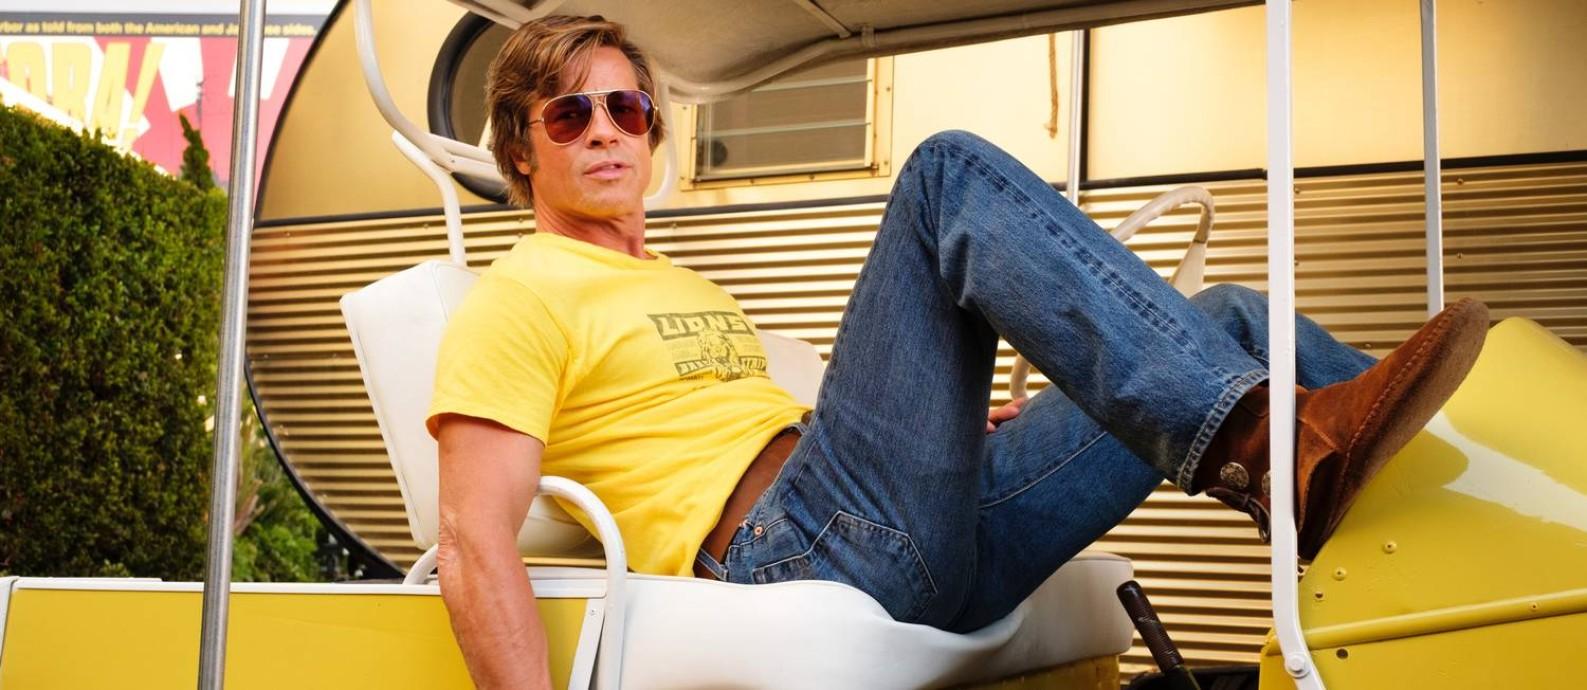 Brad Pitt em 'Era uma vez em Hollywood', de Quentin Tarantino Foto: Divulgação